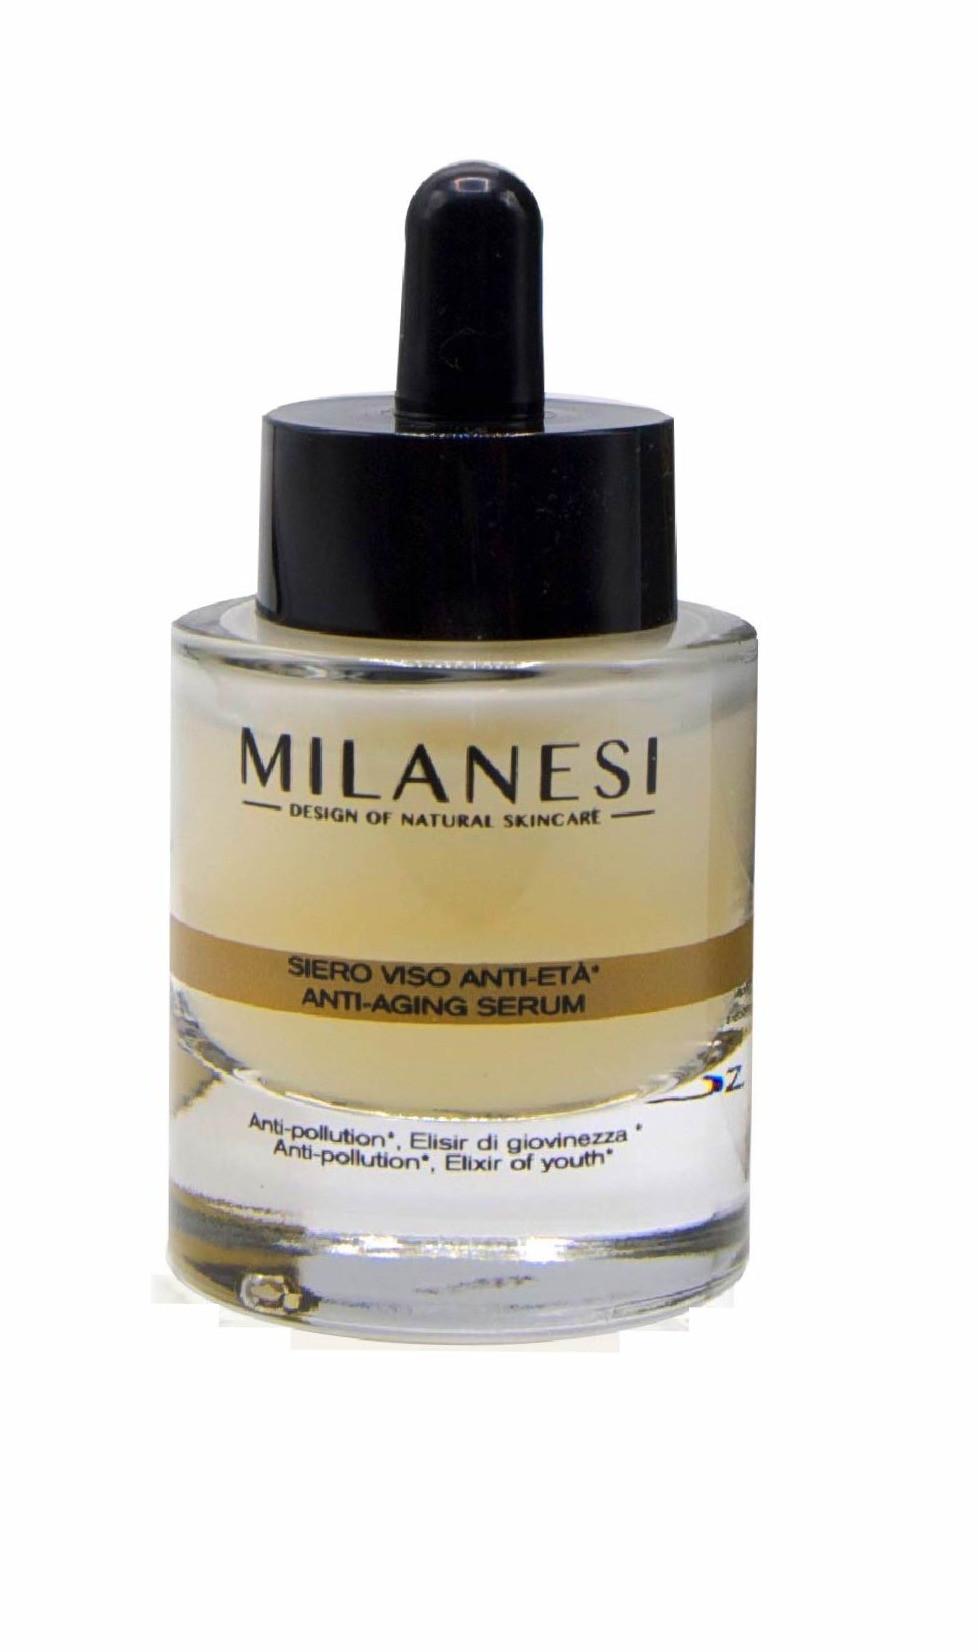 Il siero viso anti-età Montenapoleone è un potente siero ideato con un prezioso ingrediente: l'Oro, noto per la sua capacità di nutrire ed idratare la pelle e mantenerne la luminosità.